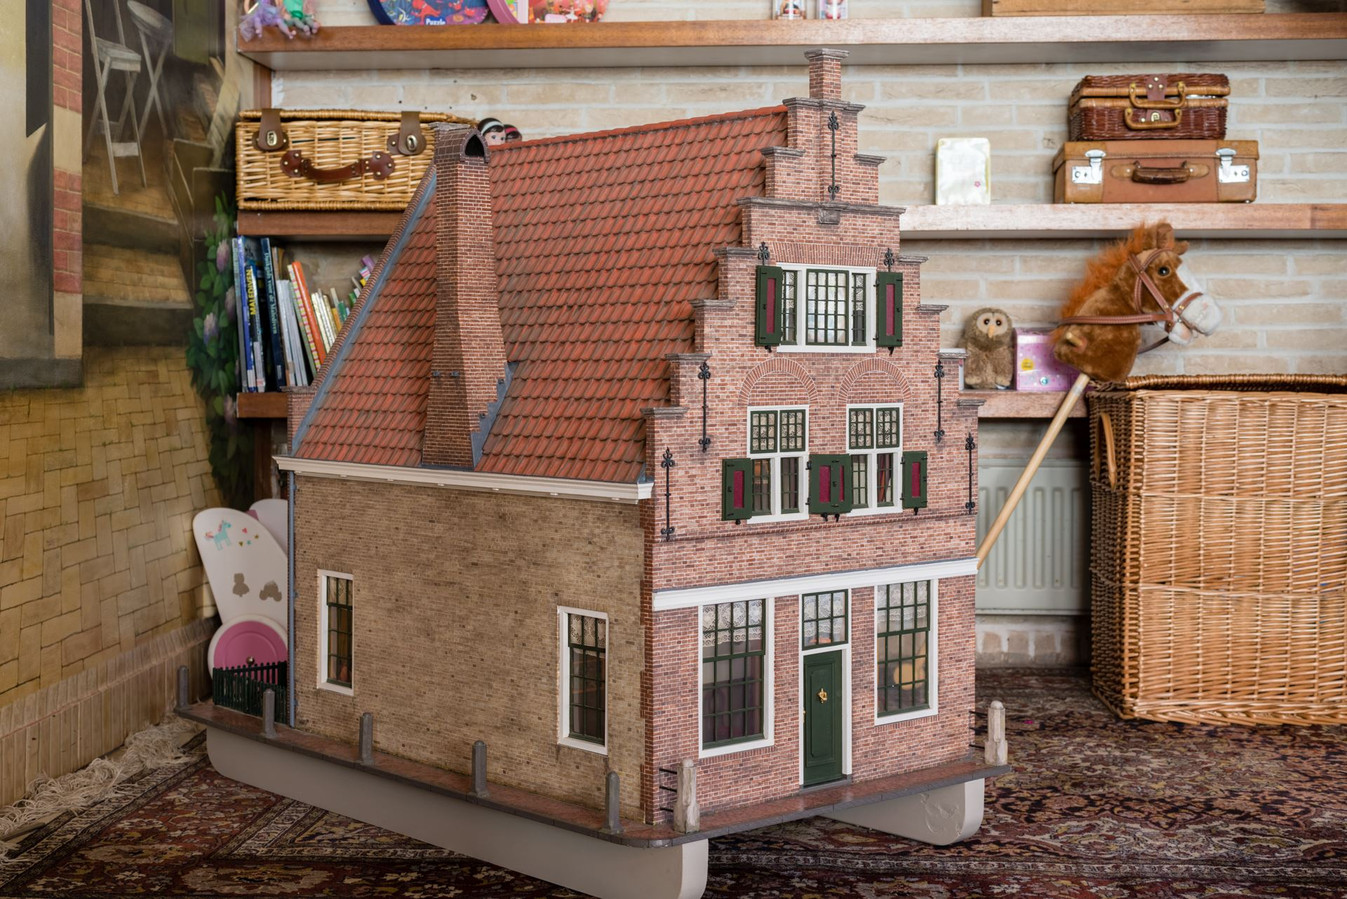 Een bijzondere accessoire in deze woning: een exacte kopie in de vorm van een poppenhuis.